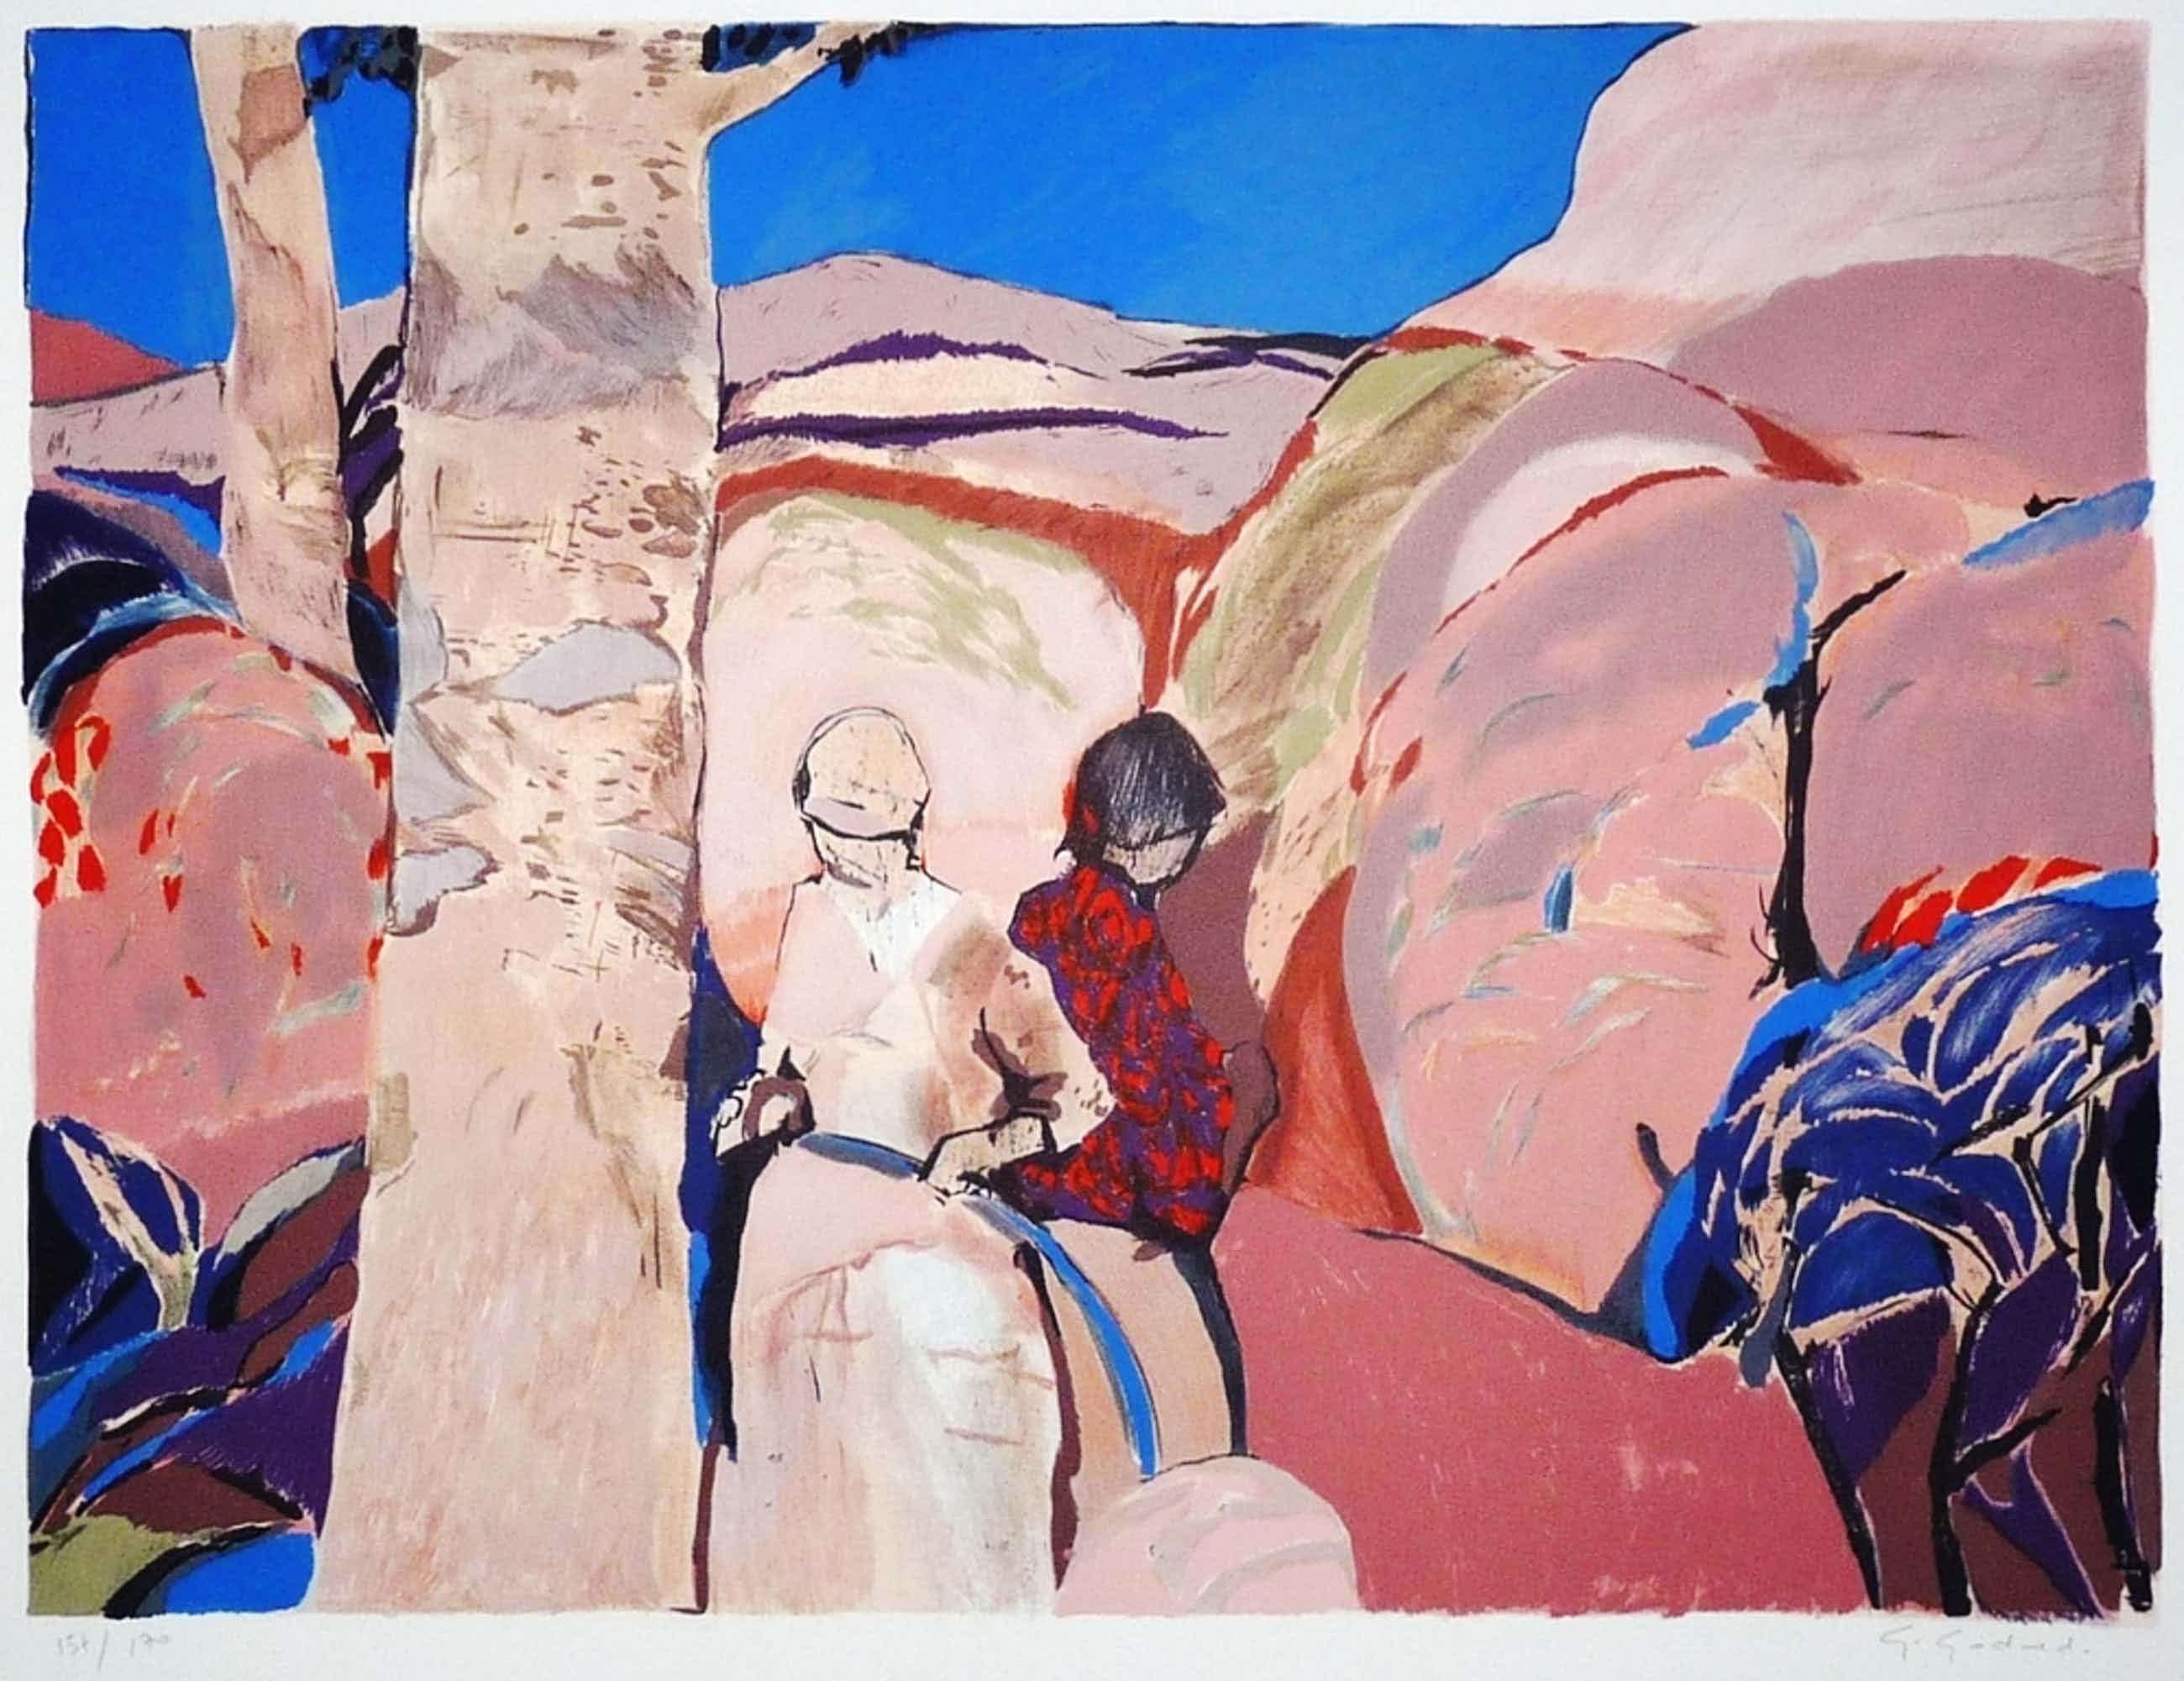 Gabriël Godard: Kleurenlitho, Deux Femmes, Gesigneerd kopen? Bied vanaf 75!